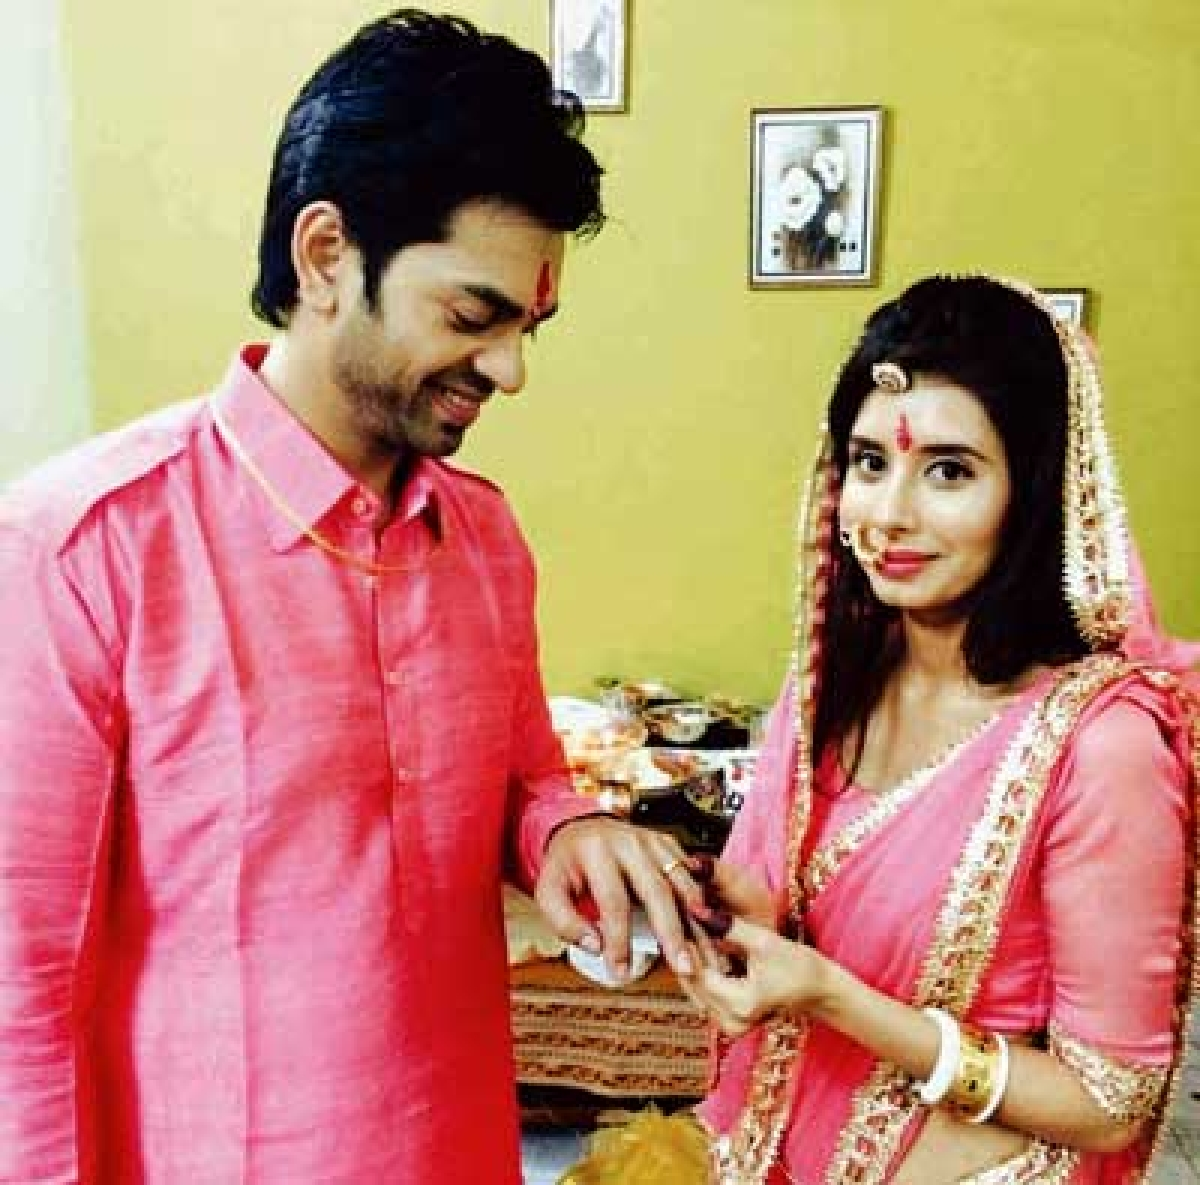 Bhaiya becomes 'ji' as onscreen siblings exchange rings